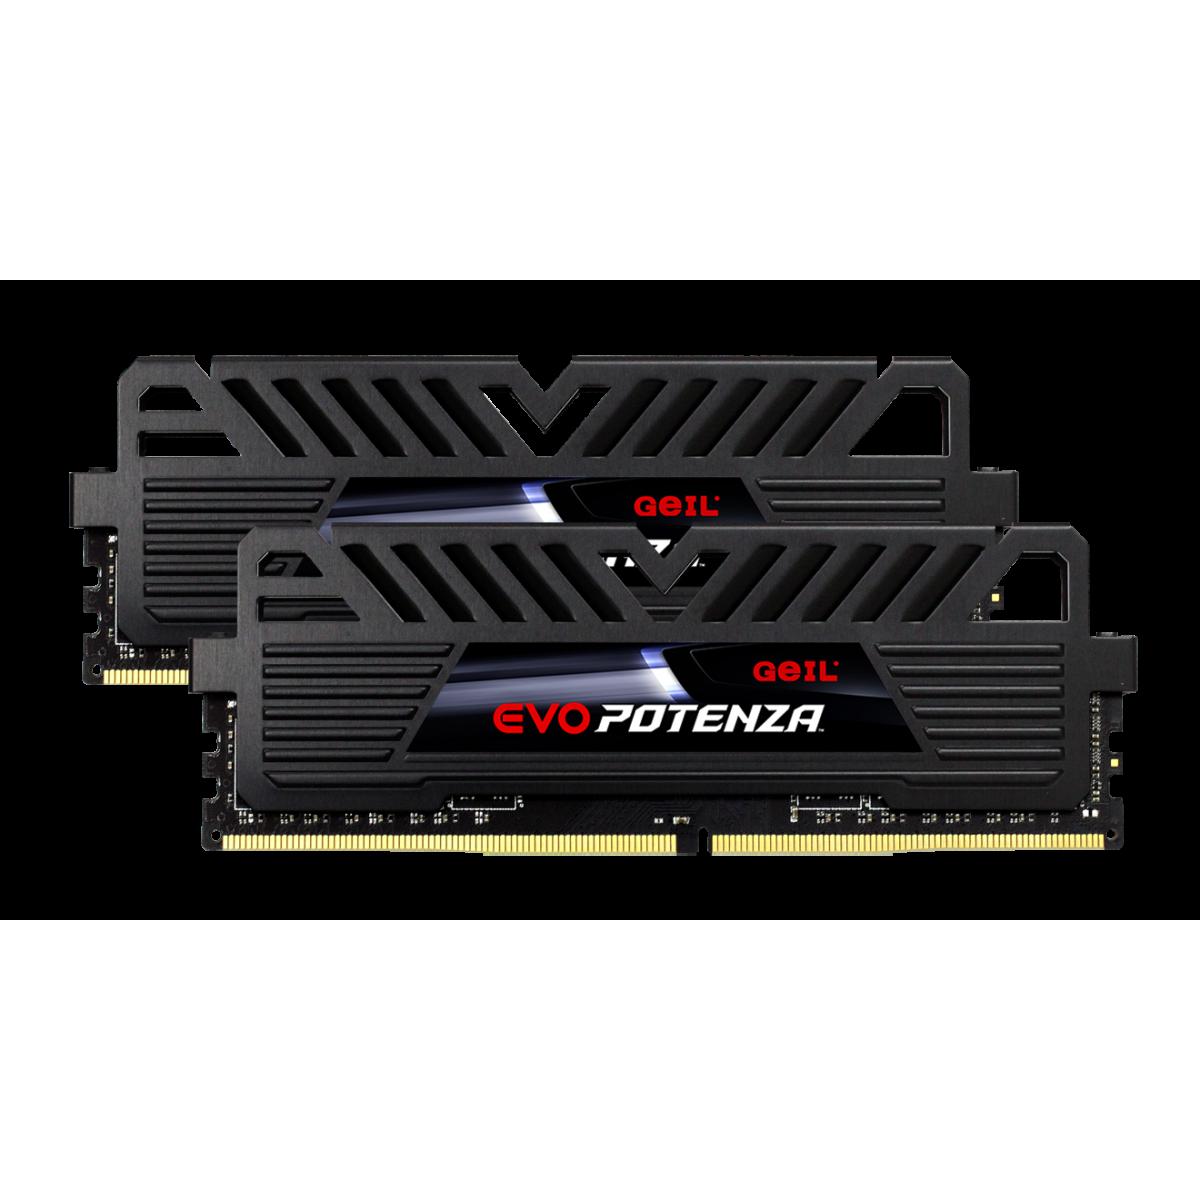 Memória DDR4 Geil EVO POTENZA AMD GAPB416GB3000C16ADC 16GB (2x8GB) 3000mhz